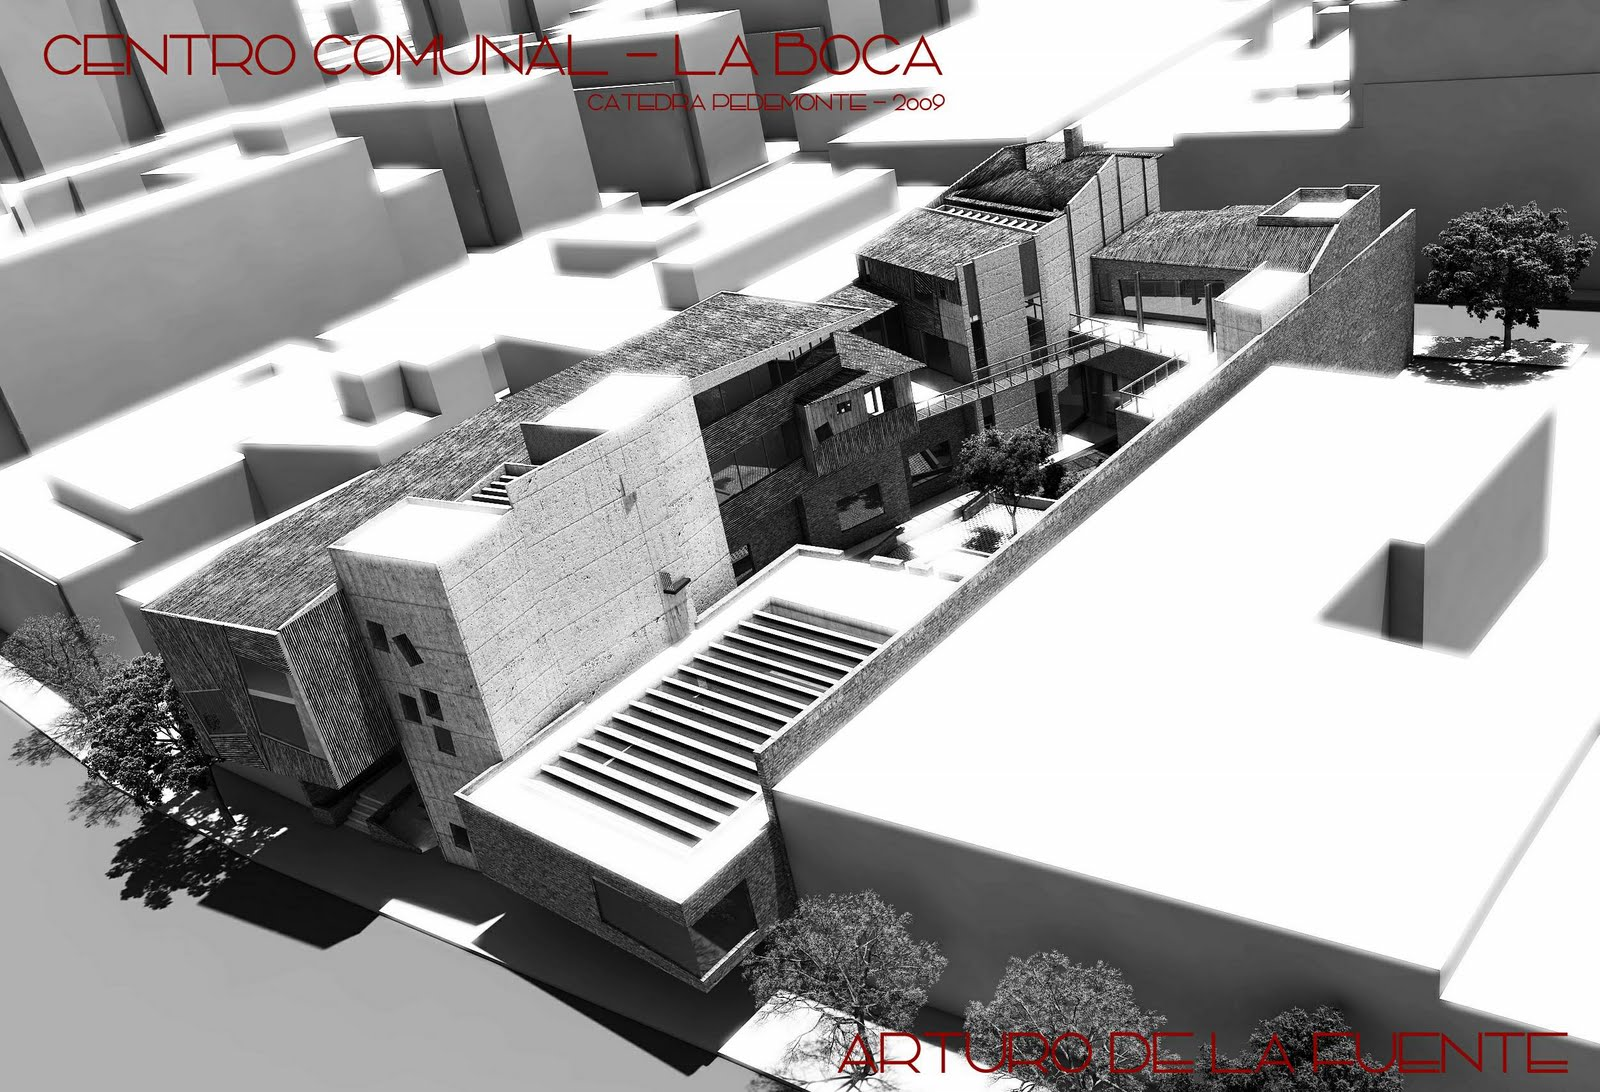 Arquitectura Digital Centro Comunal La Boca